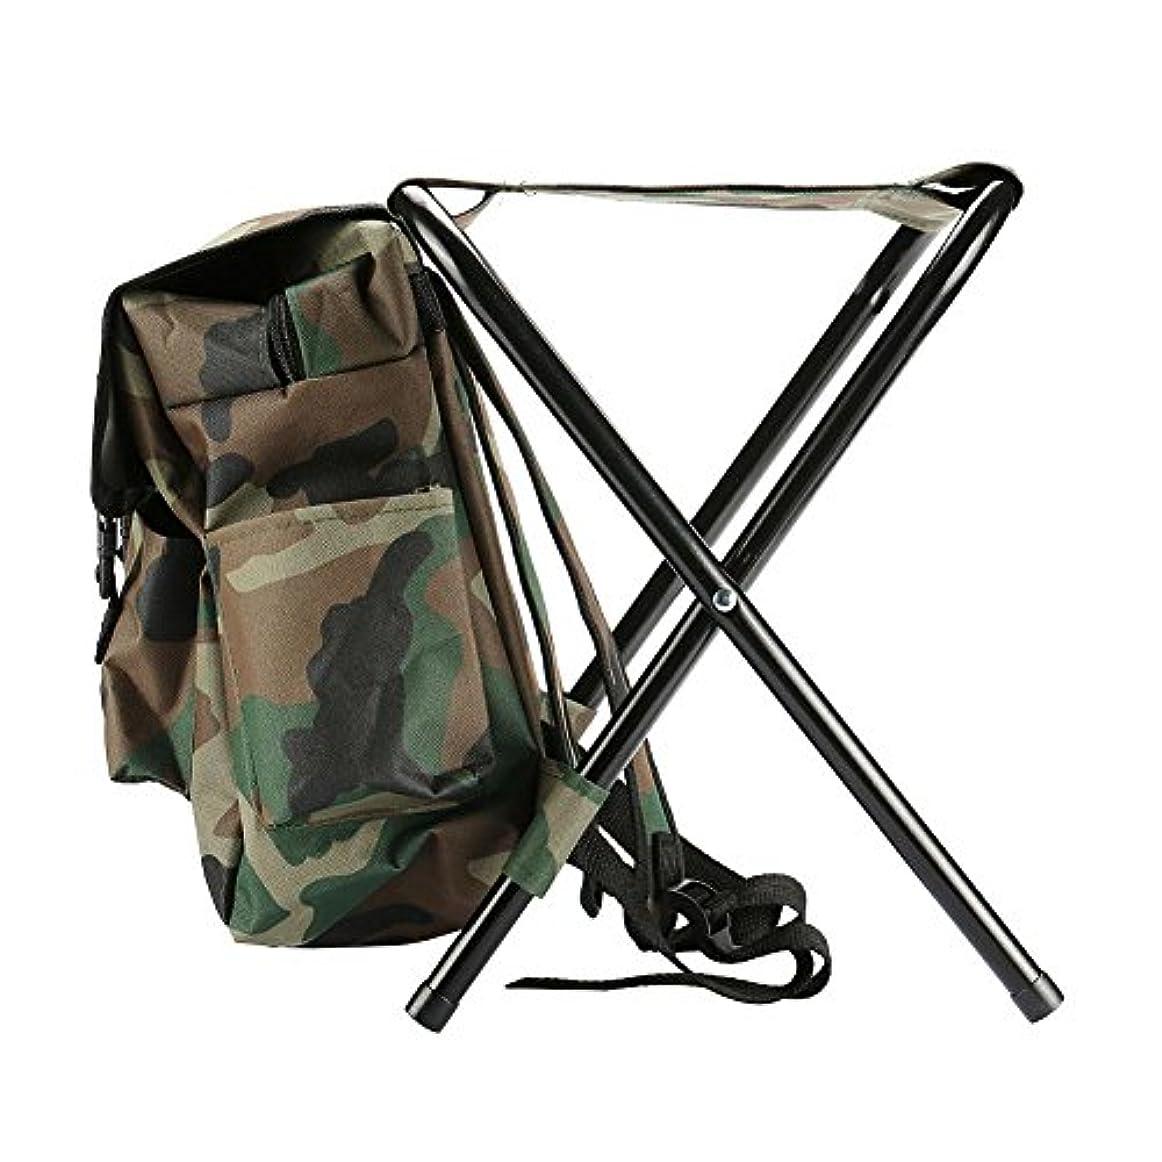 なしで一貫性のない先駆者Beautyrain 1個 バックパック椅子釣り 屋外ポータブル登山マウンテン折りたたみ多機能旅行ハイキングキャンプ 贈り物